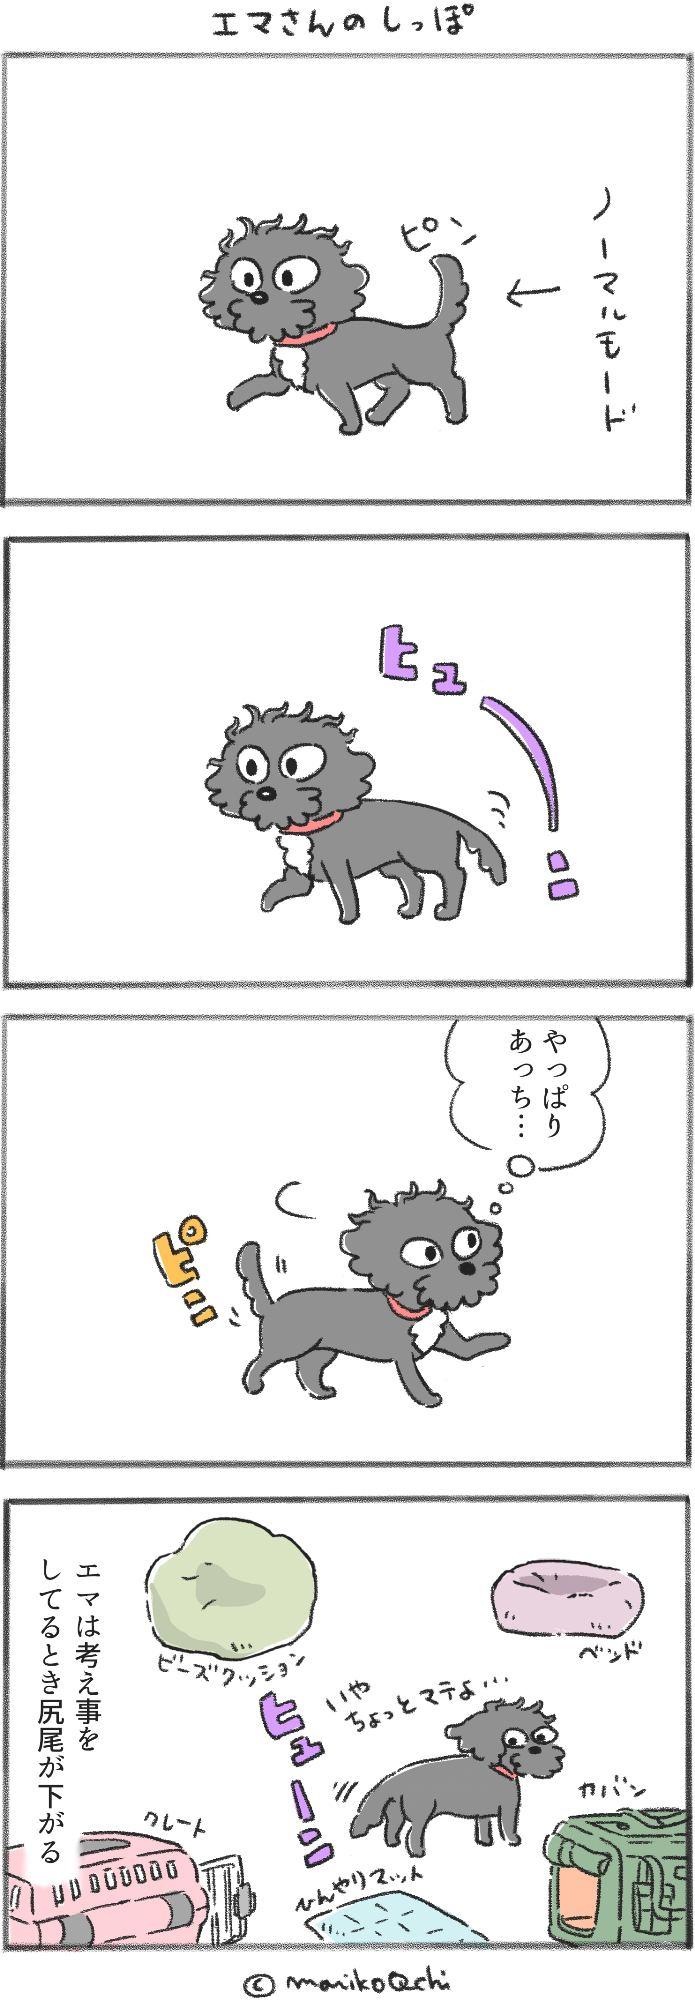 犬と暮らせば第21話